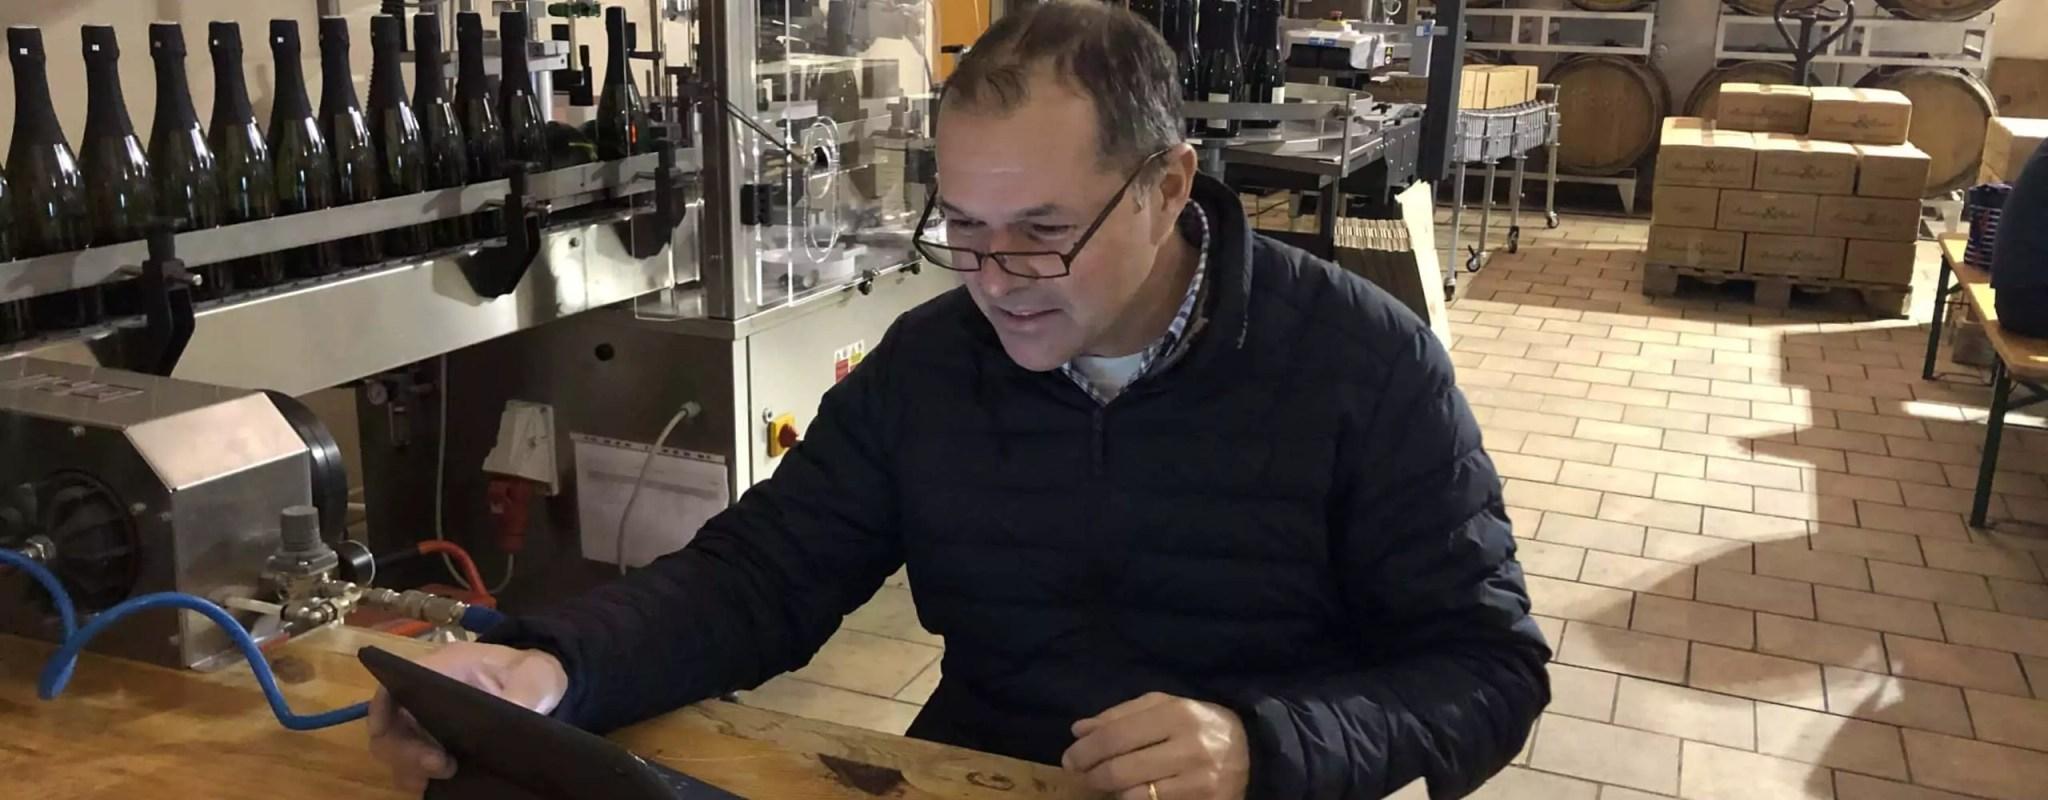 Pierre Bernhard, le viticulteur alsacien qui murmure à l'oreille de l'Union européenne